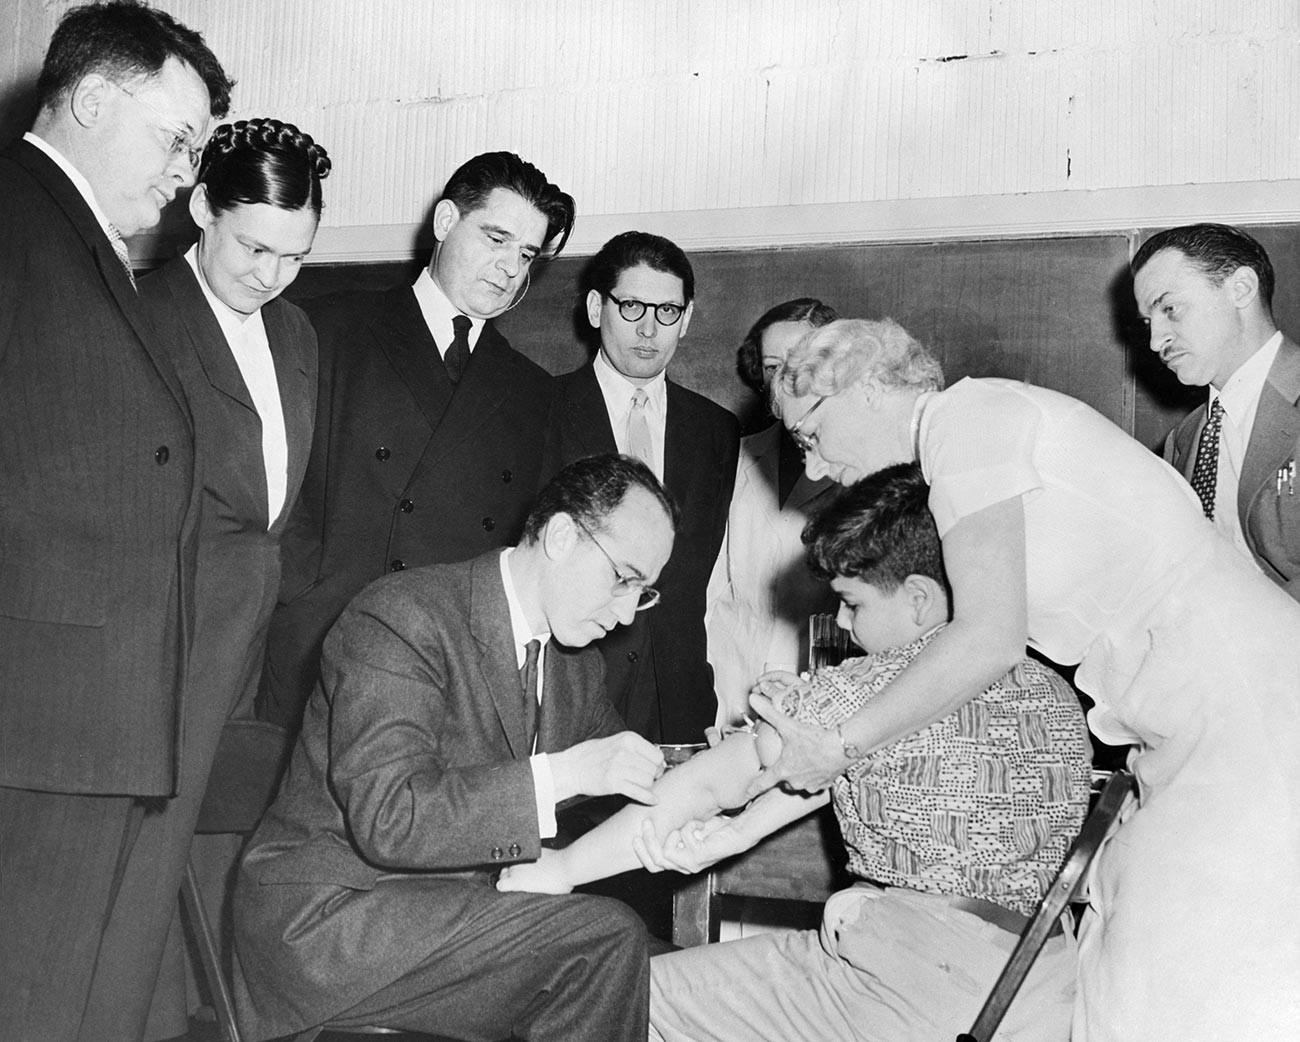 Russische Wissenschaftler beobachten während ihres Besuches in den USA, wie Dr. Jonas Salk einem Kind eine Dosis seines Impfstoffs gegen Kinderlähmung verabreicht.